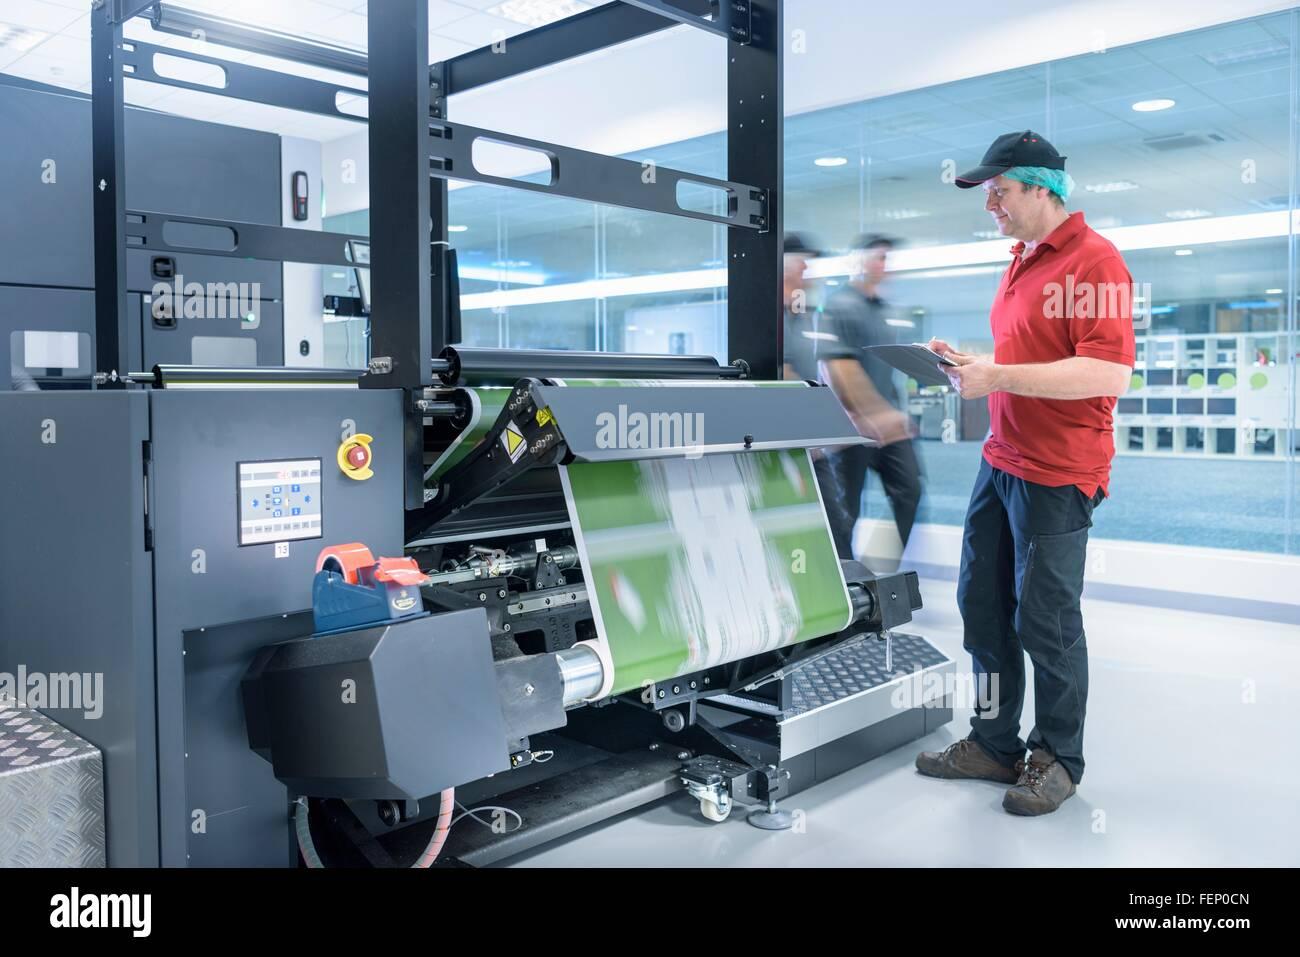 Travailleur avec imprimante à jet d'encre dans l'emballage alimentaire l'usine d'impression Photo Stock